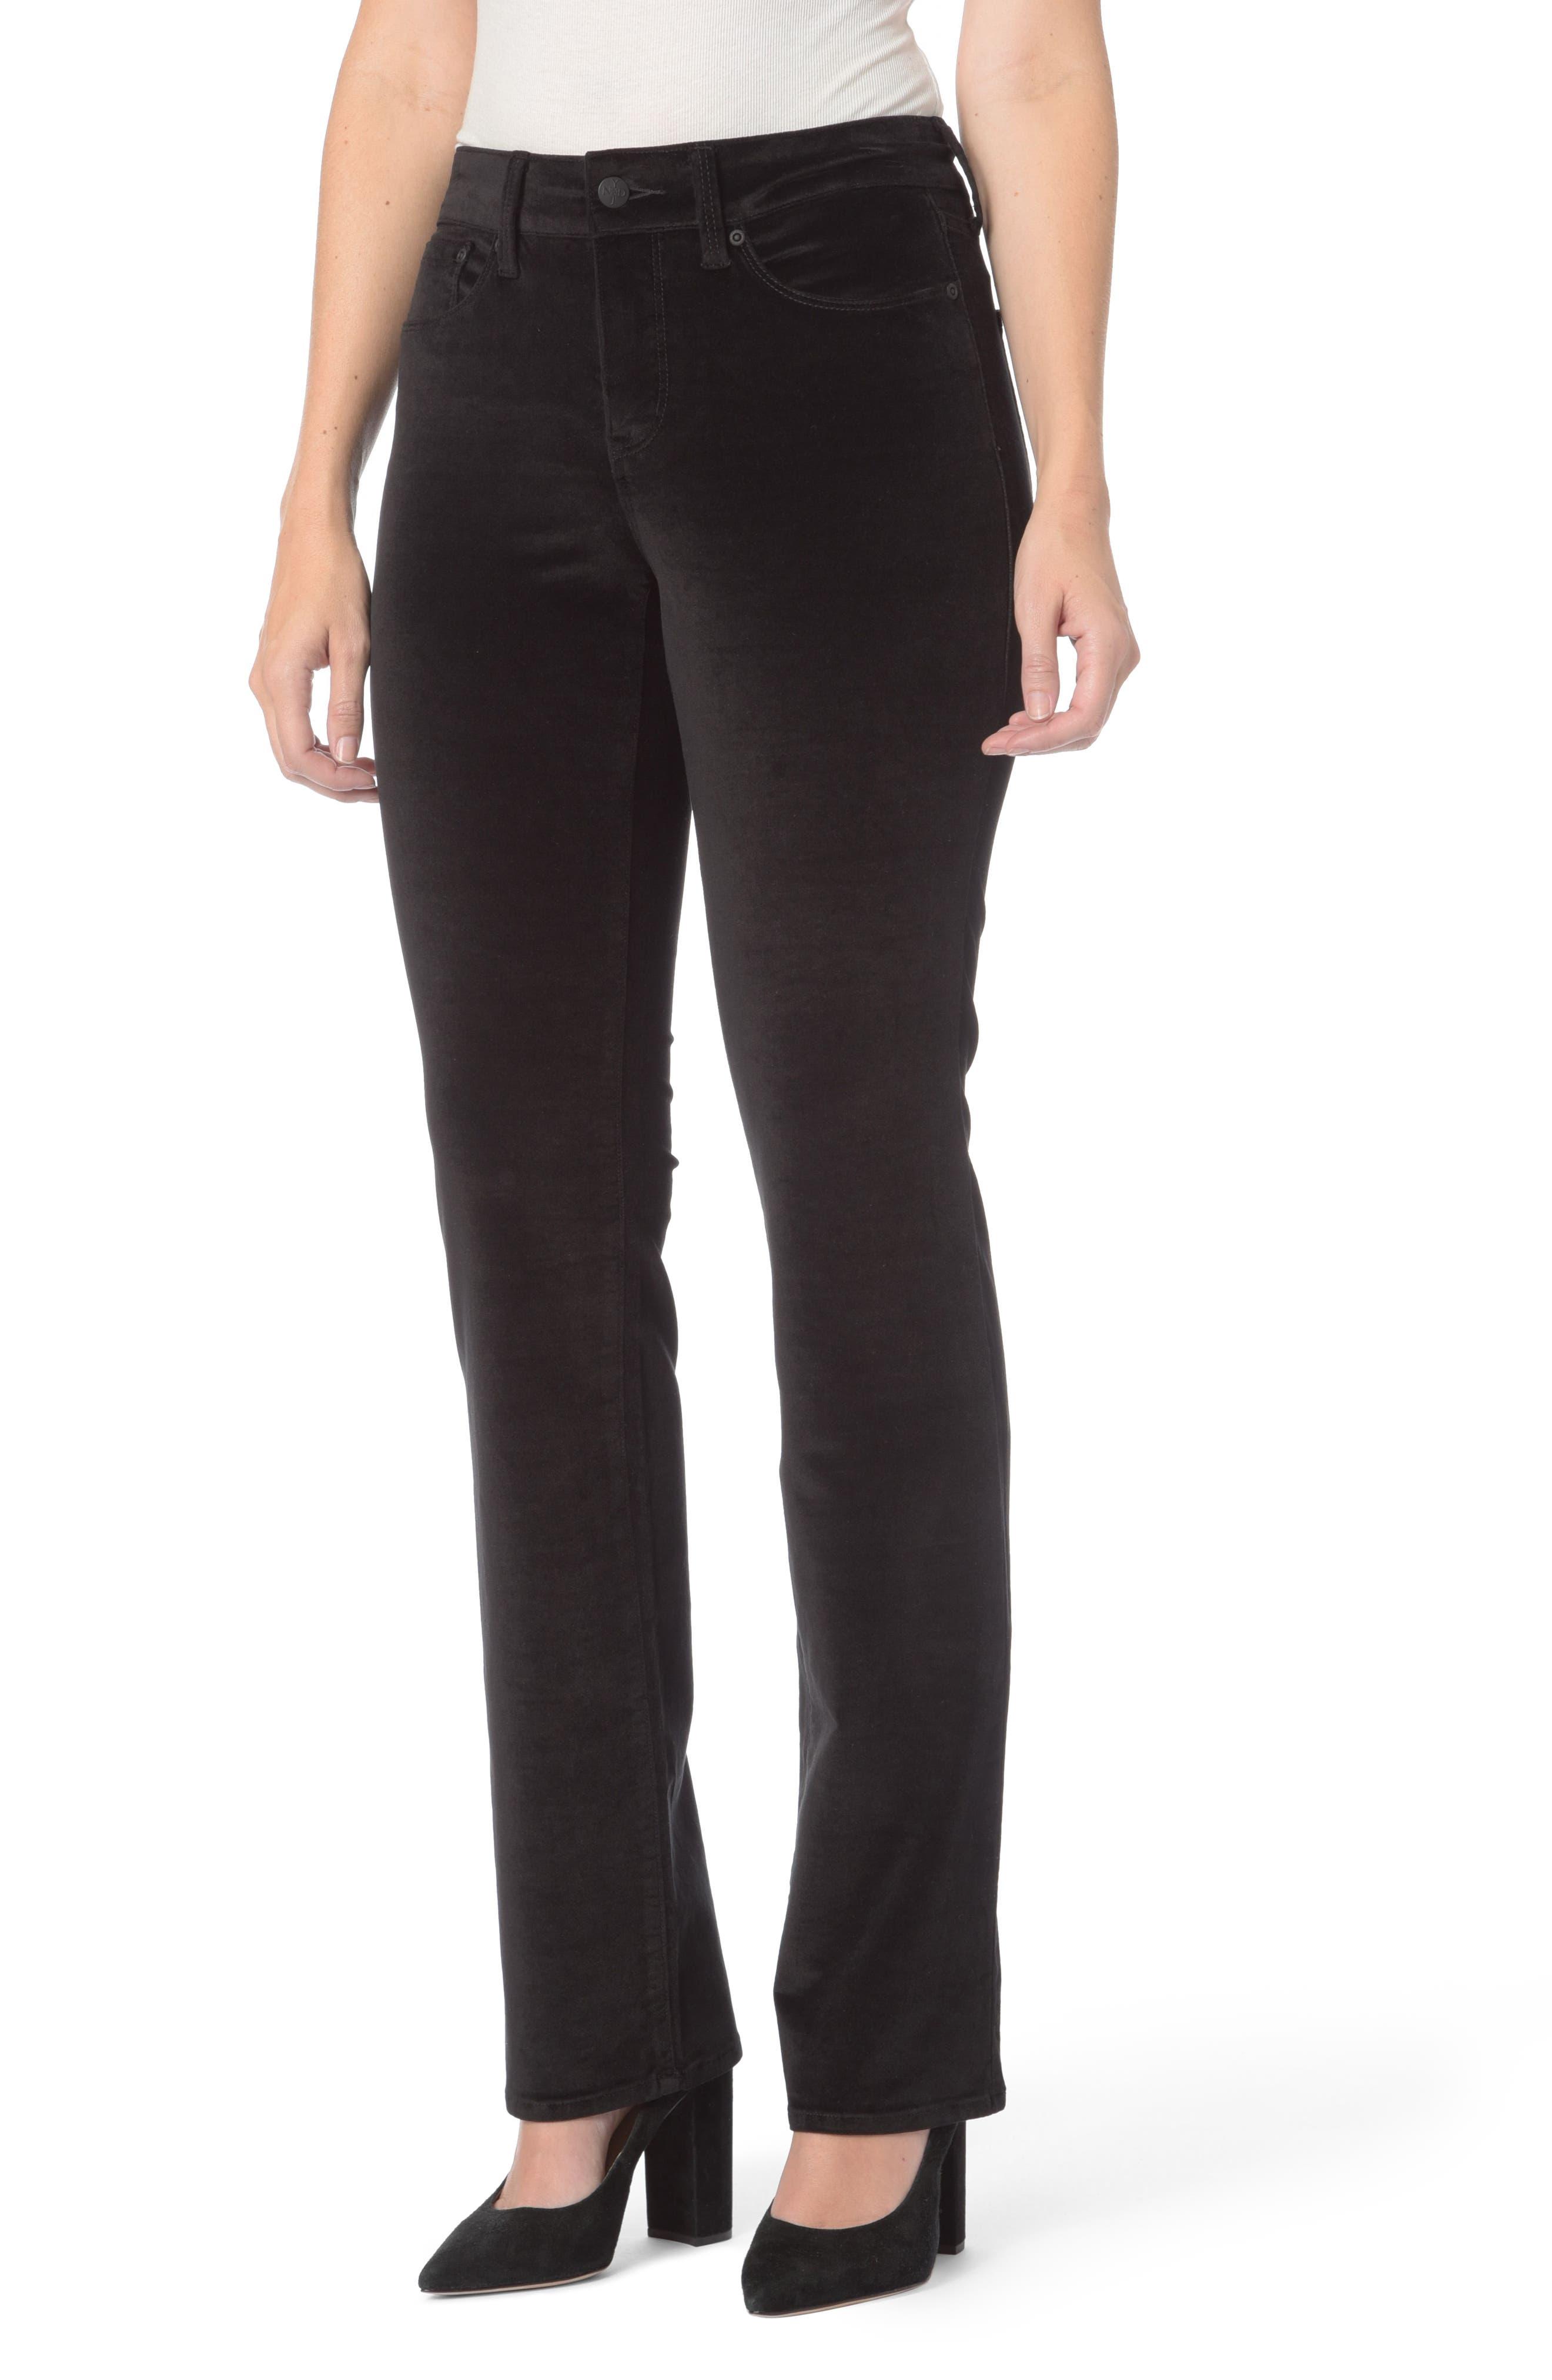 NYDJ Marilyn Velvet Straight Jeans